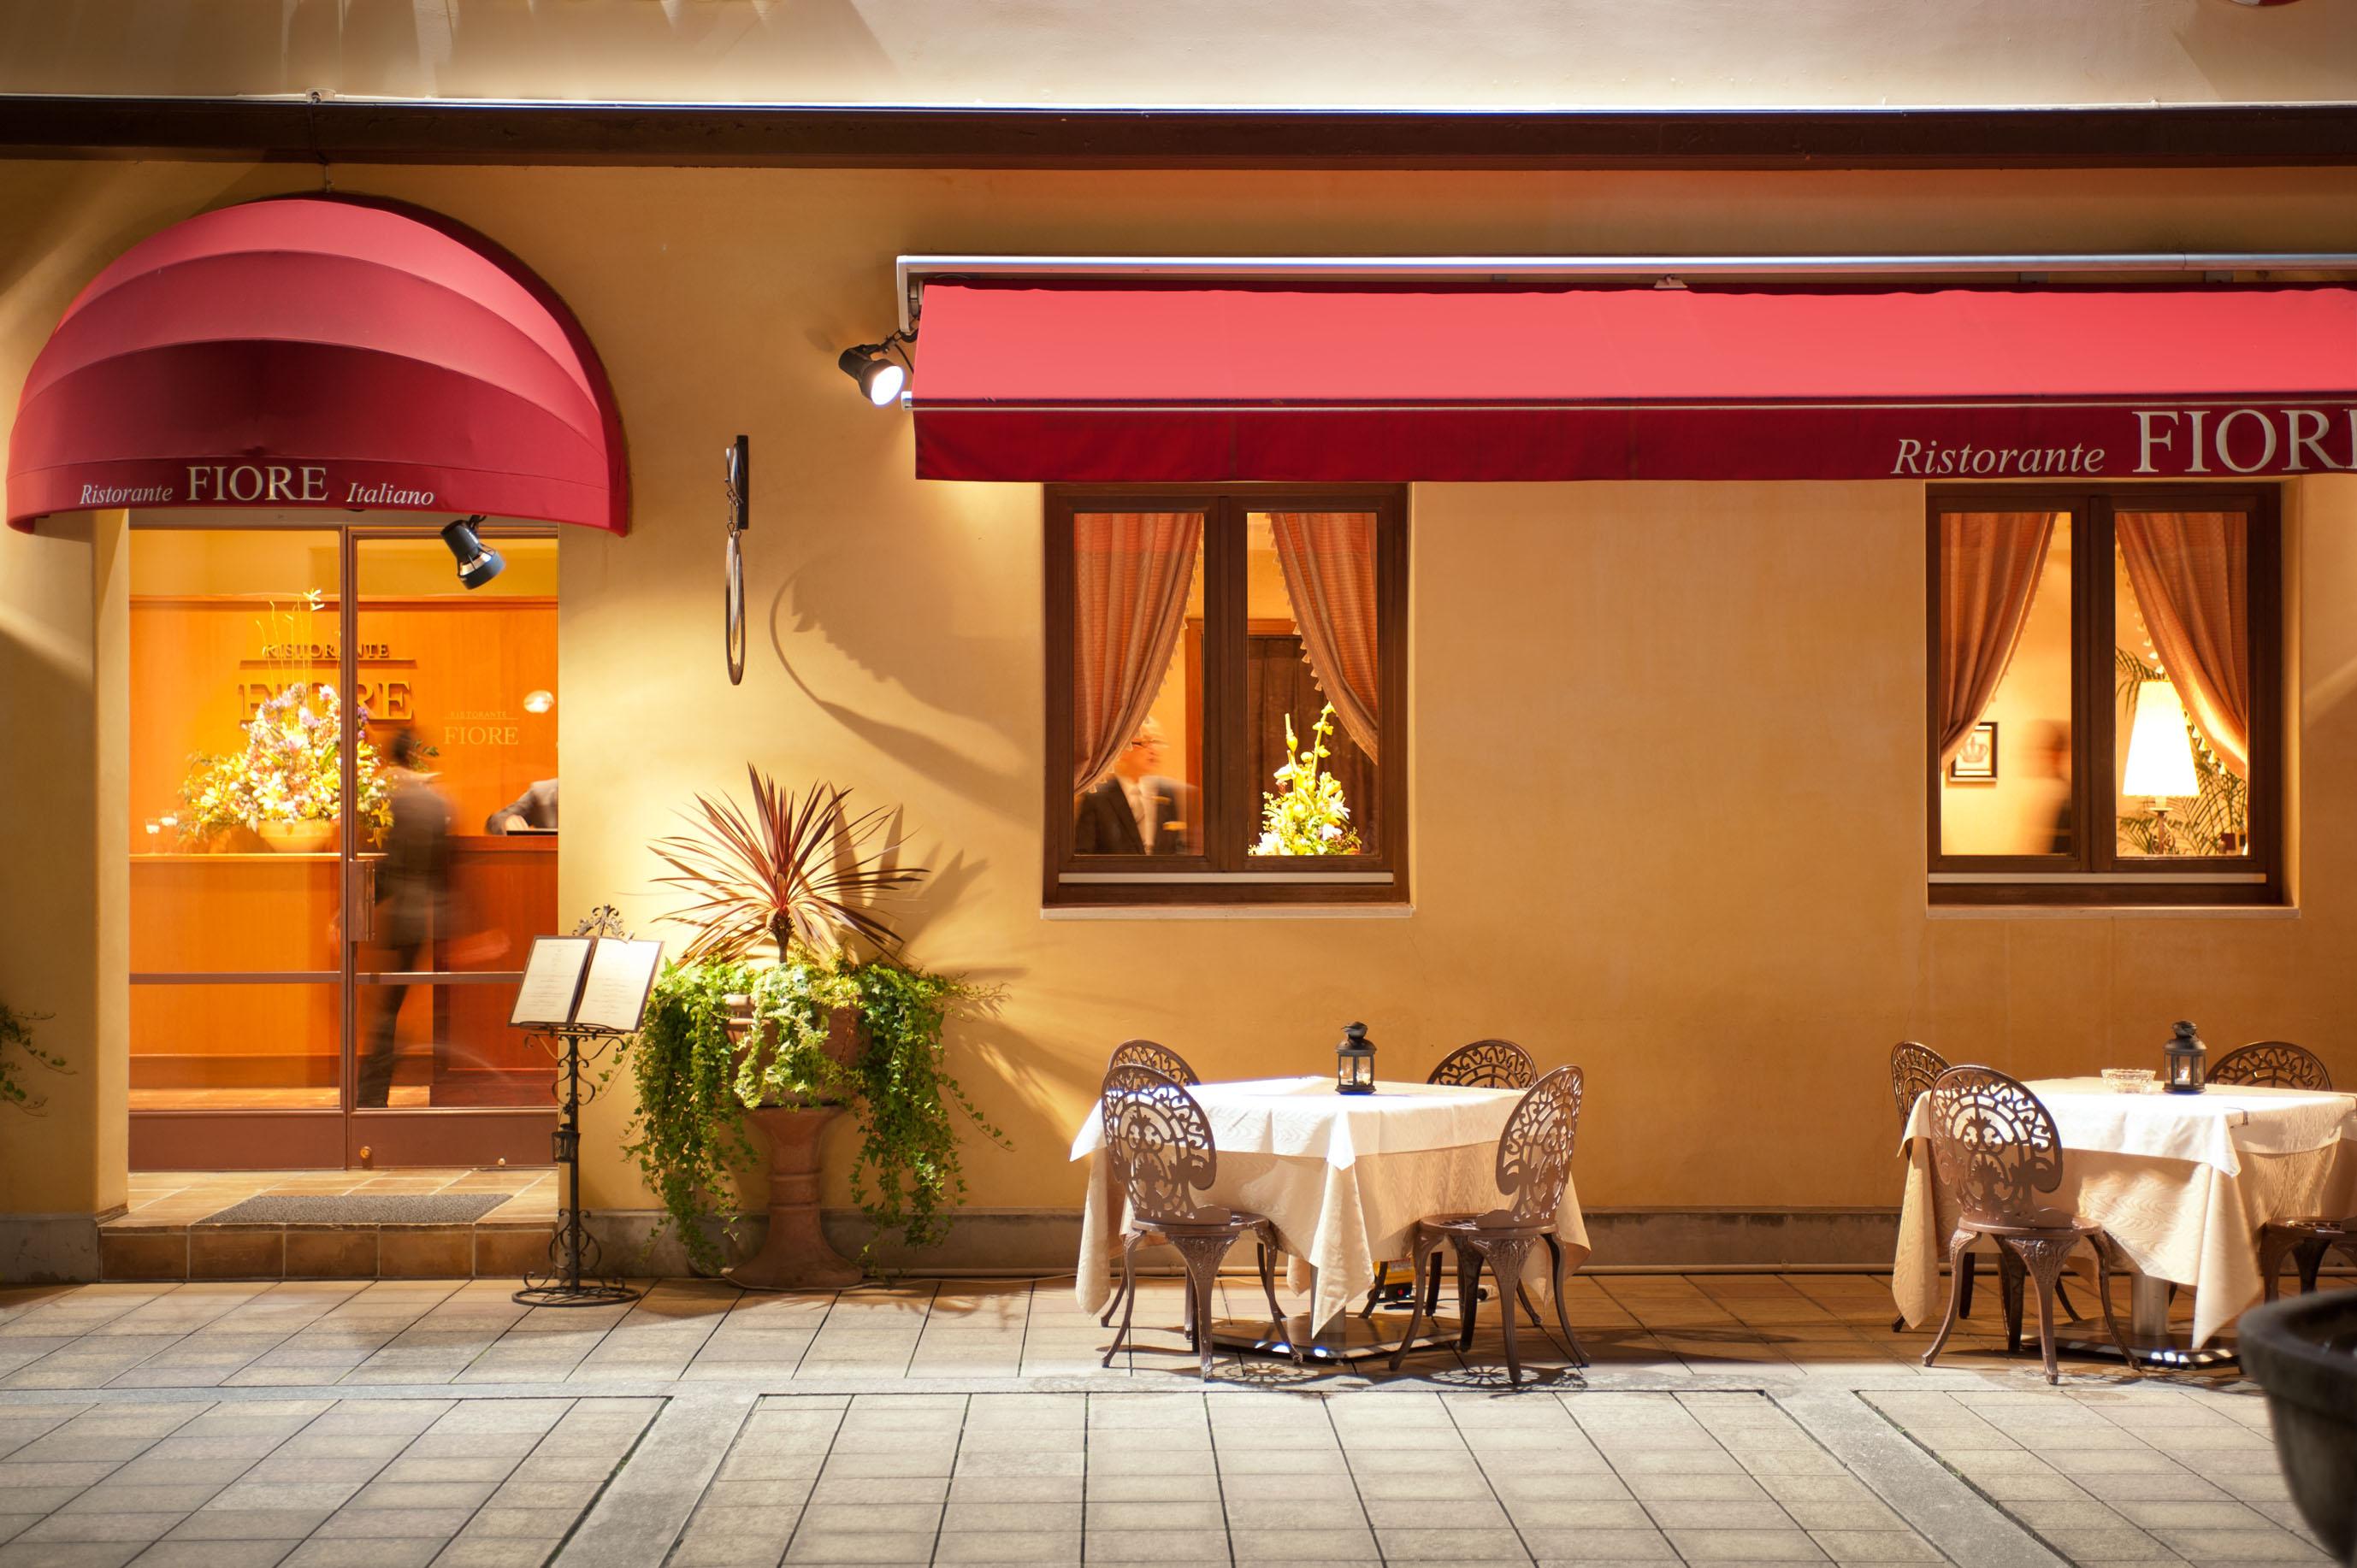 今月のレストラン:RISTORANTE FIORE/リストランテ・フィオーレ